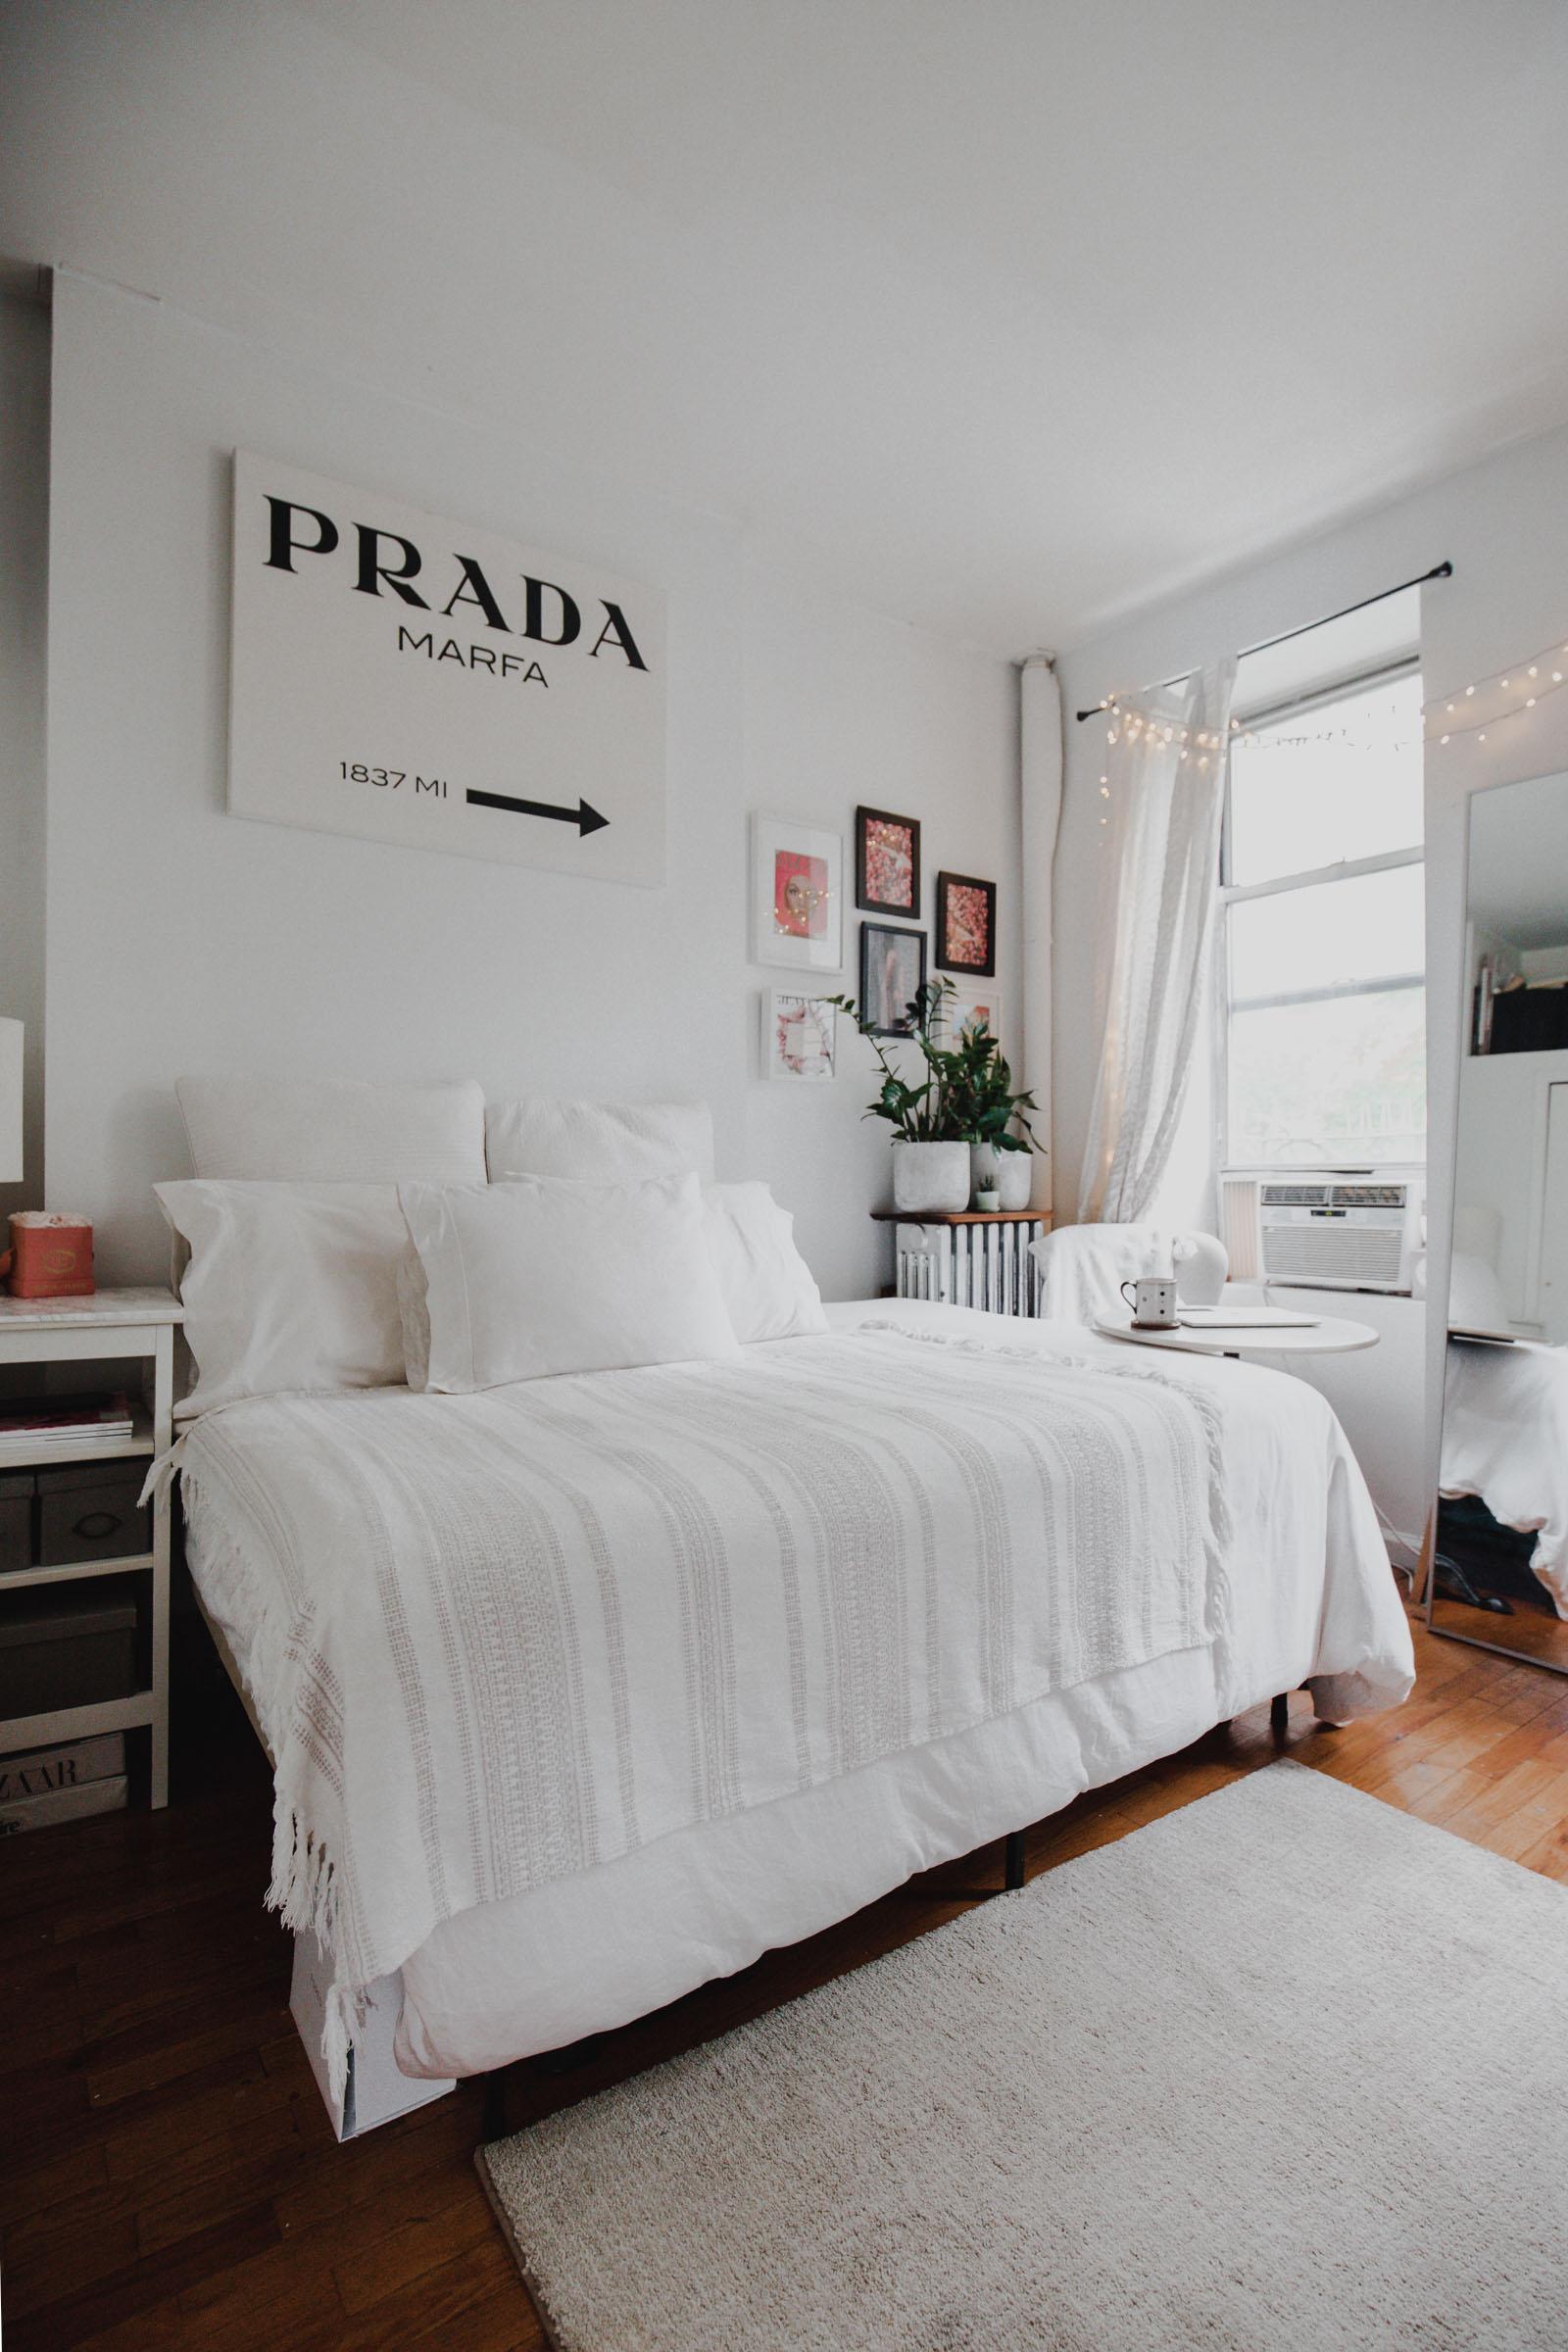 Appartment Bedroom Ideas Smart Trik